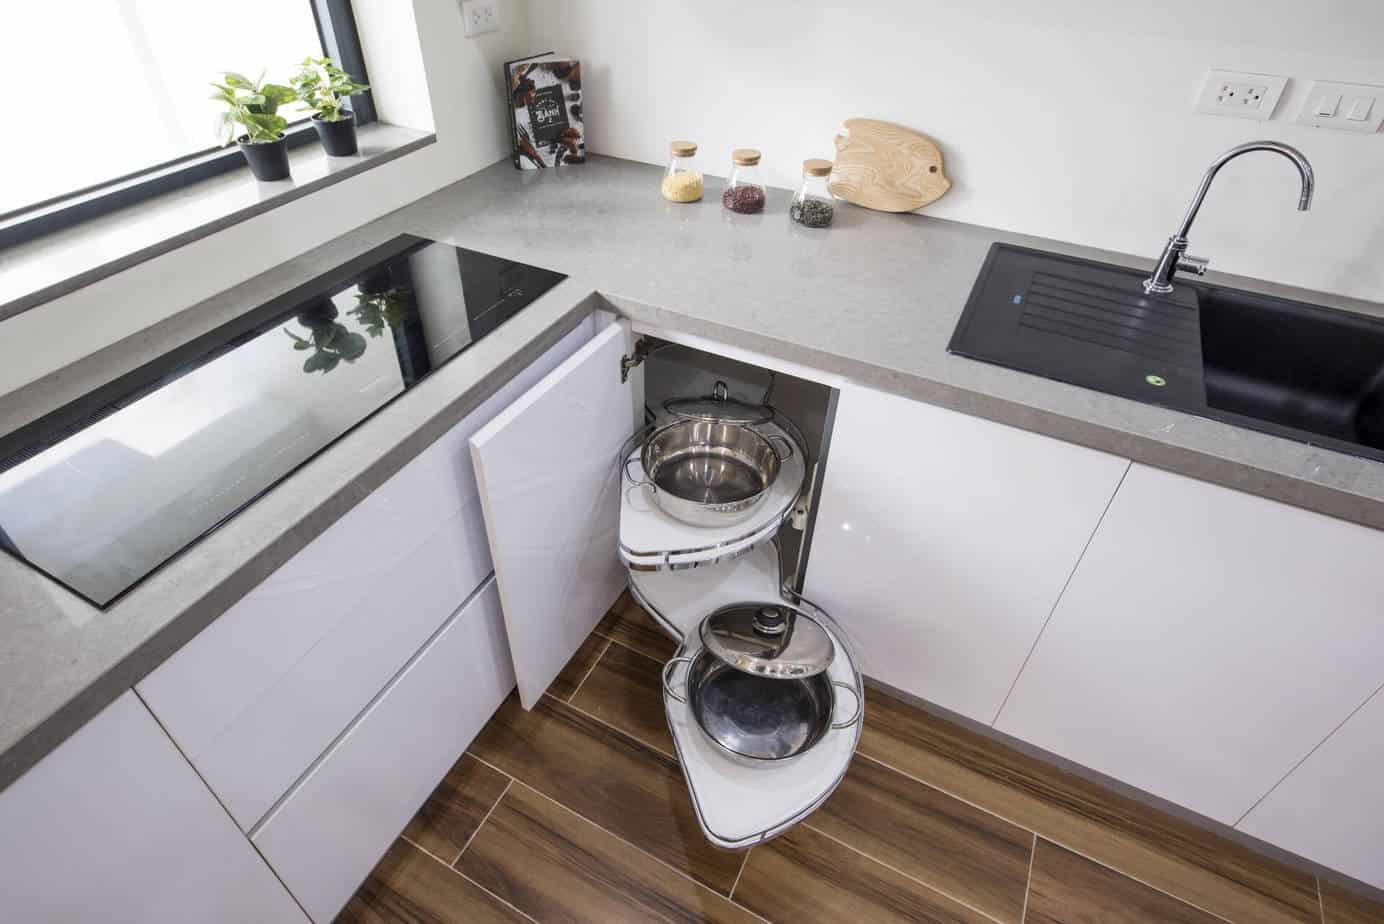 Lựa chọn các thiết bị tủ bếp thông minh để tăng sức chứa